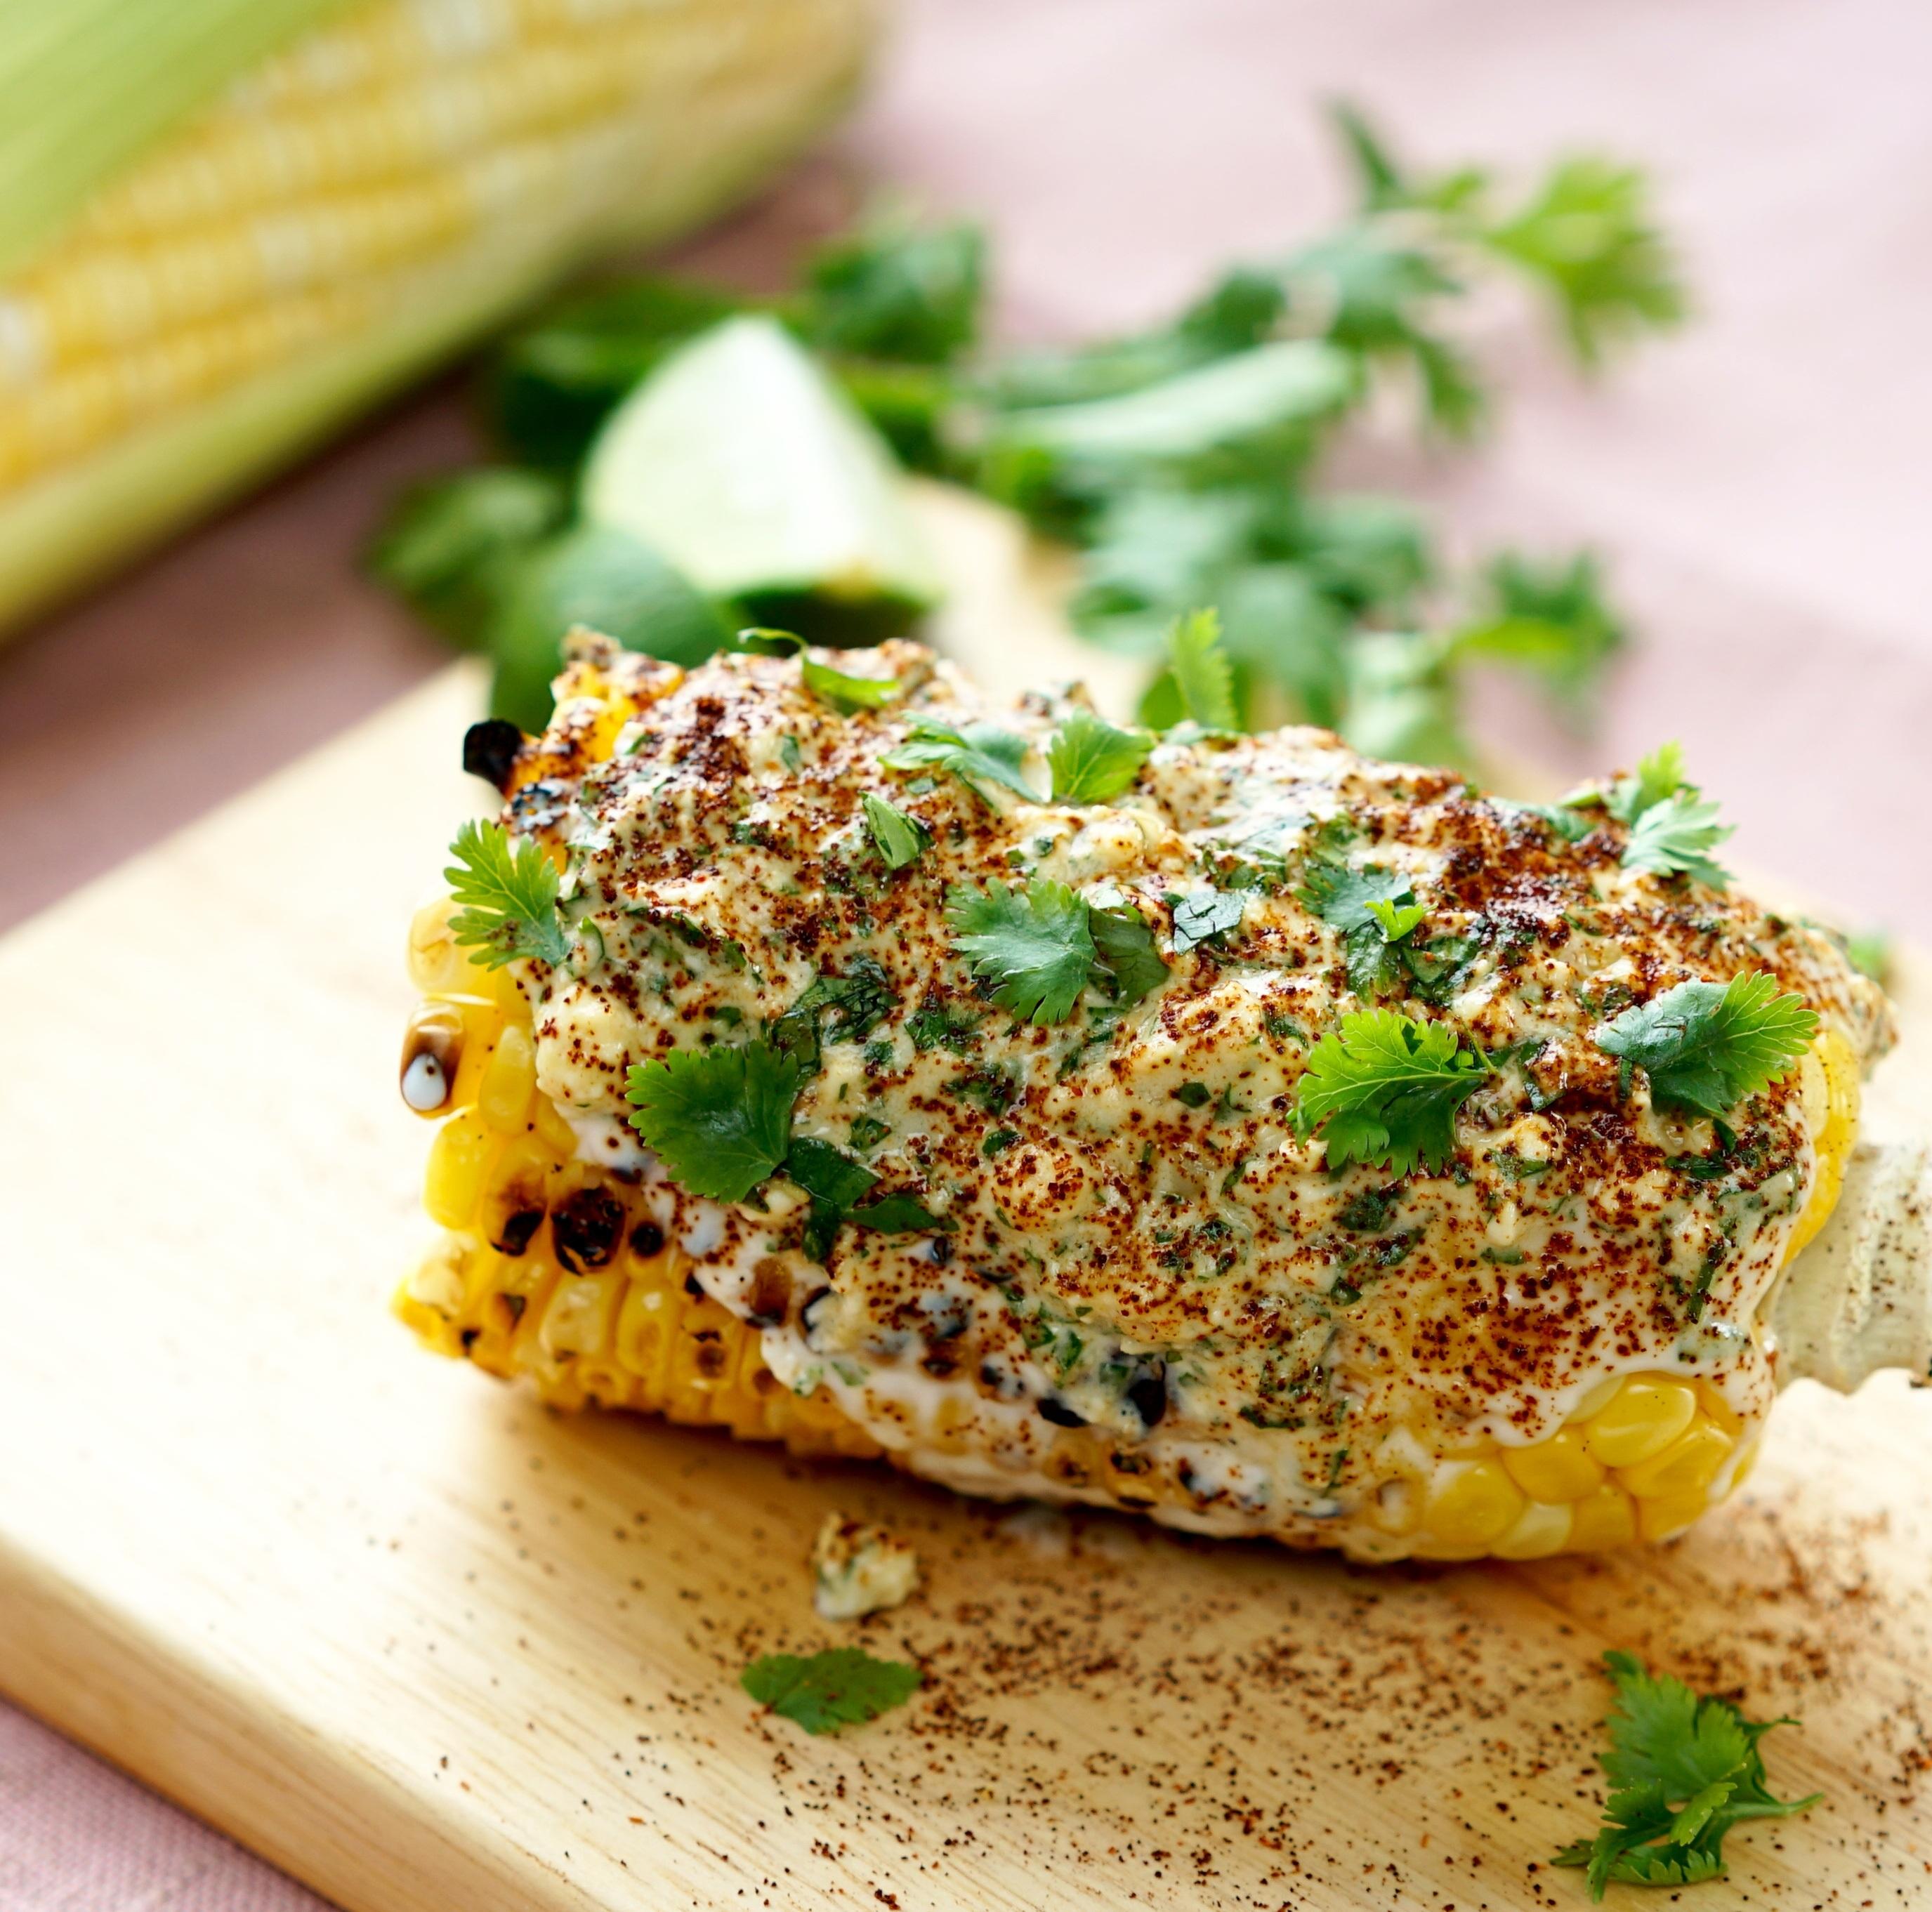 Fotos gratis : cuchillería, plato, verde, chile, cocina, Produce ...